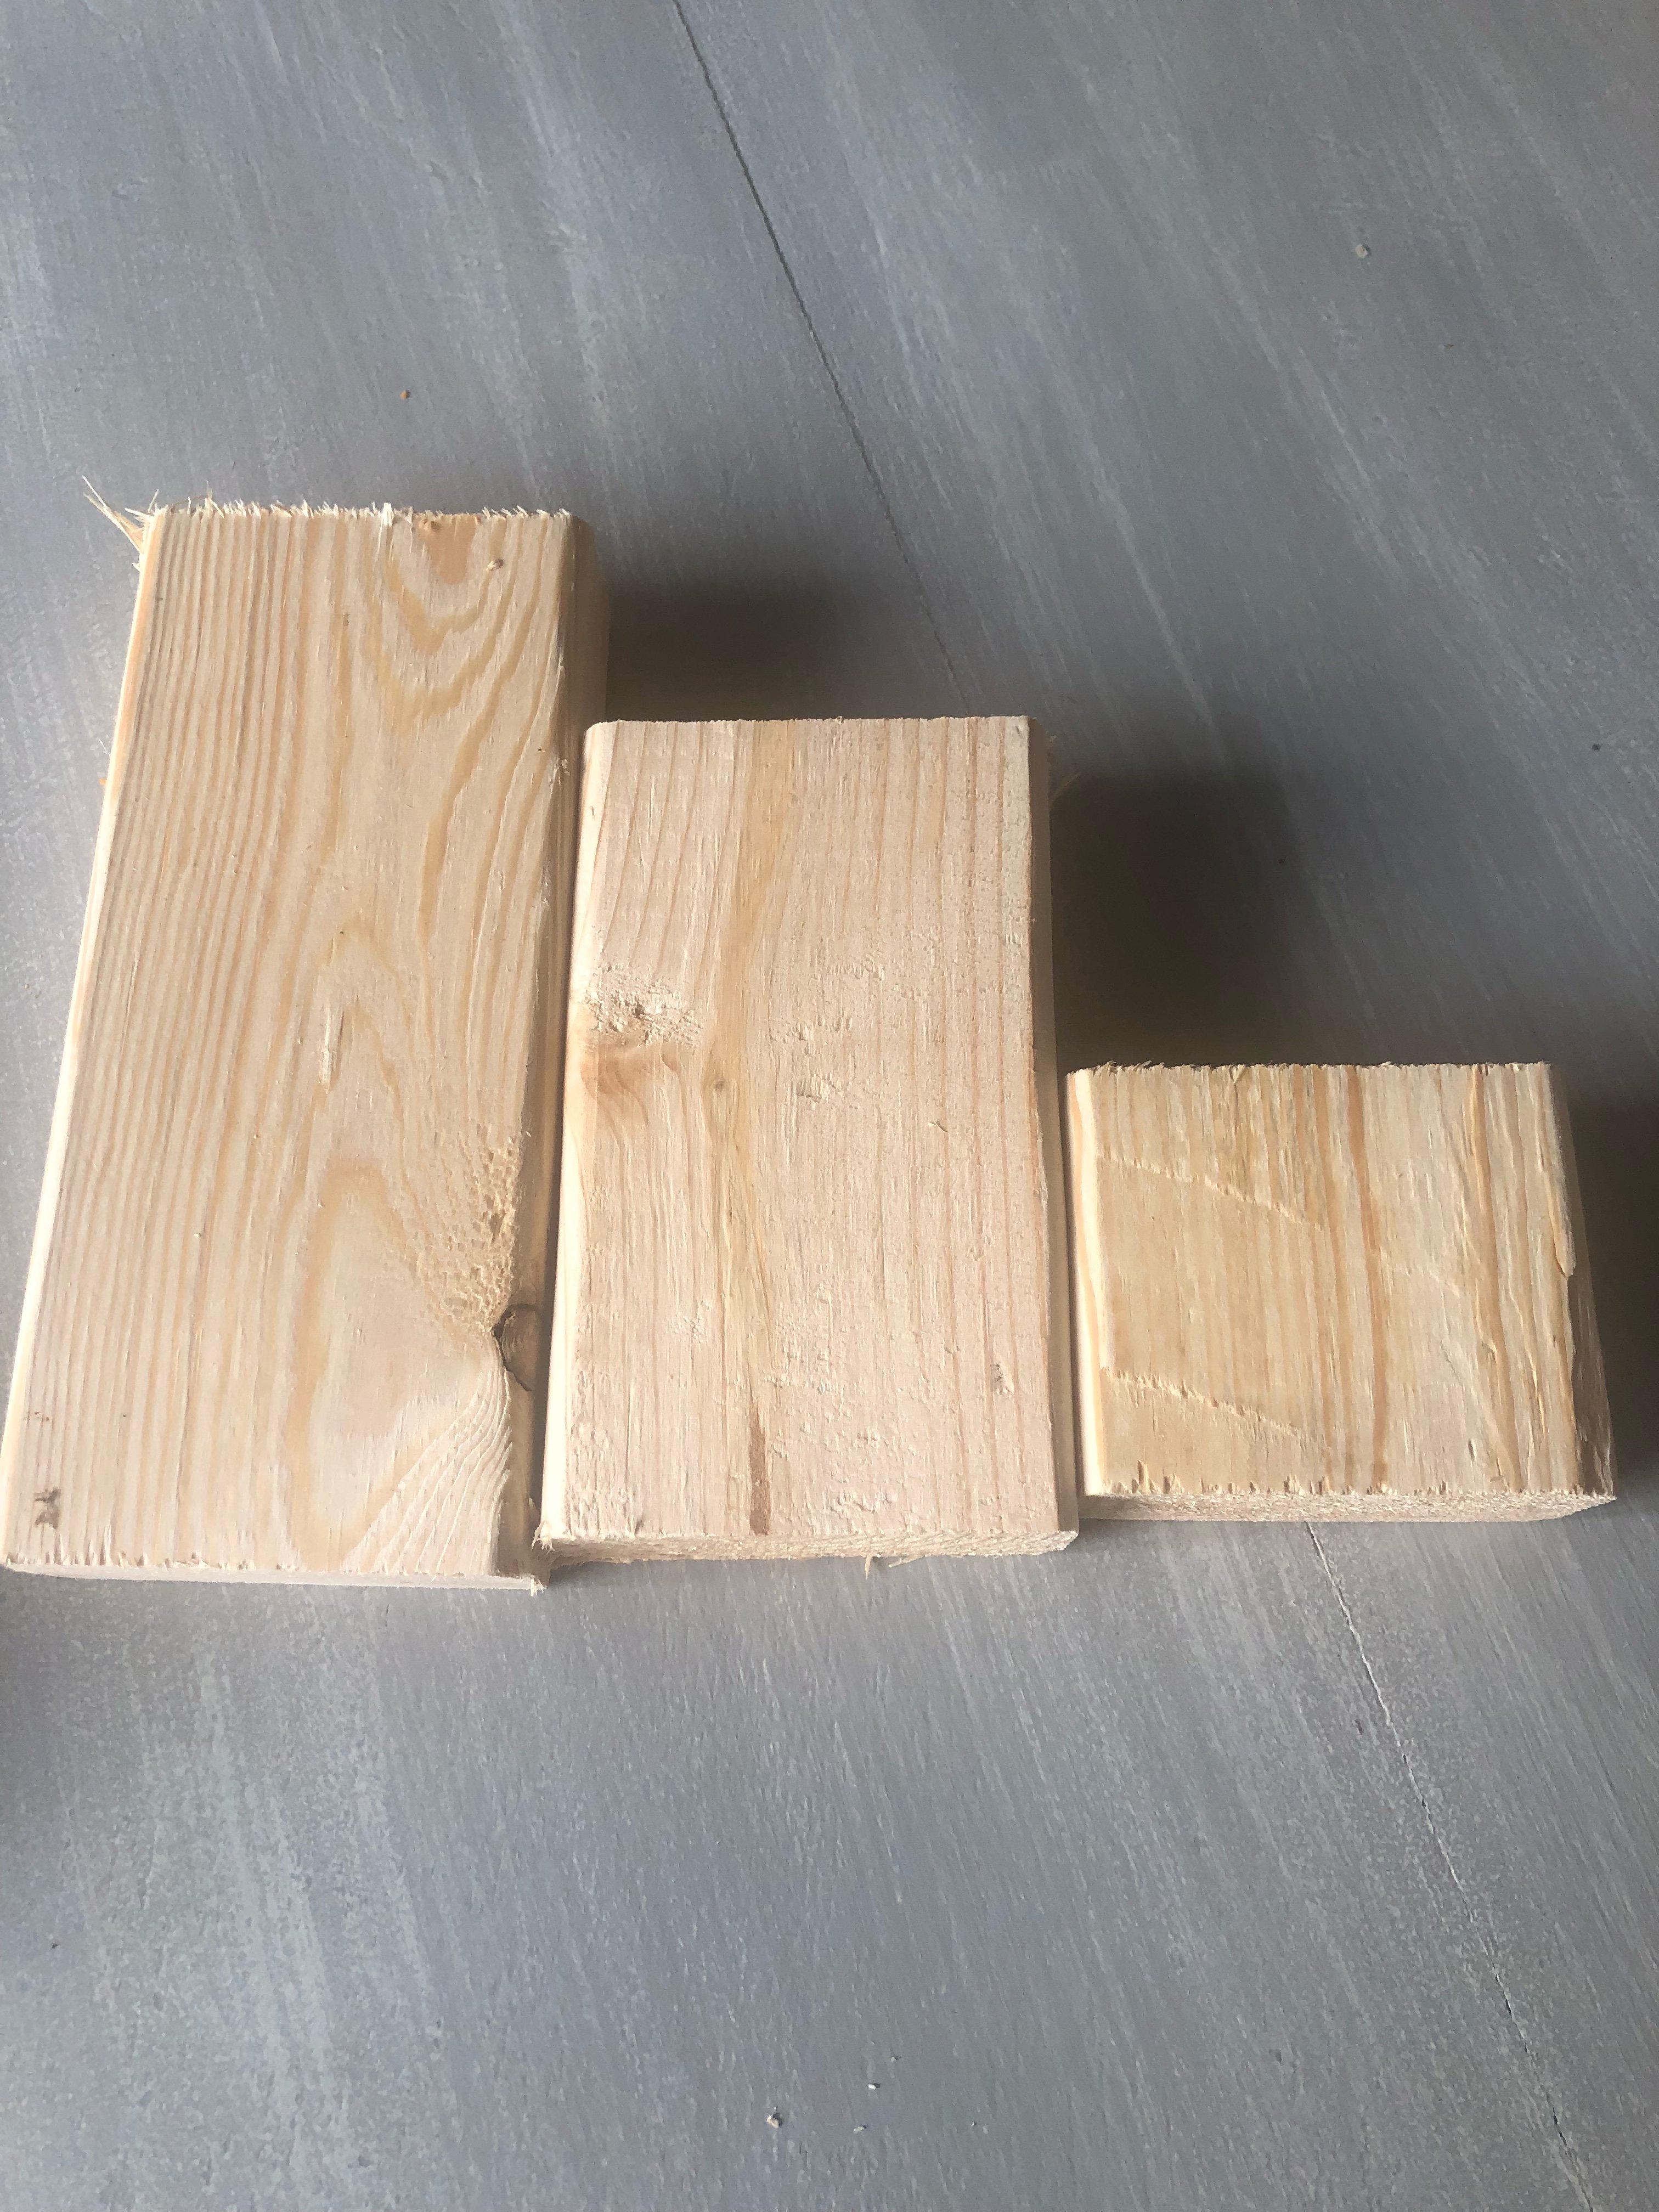 DIY wood pumpkins using scrap 2x4 wood for an easy fall diy